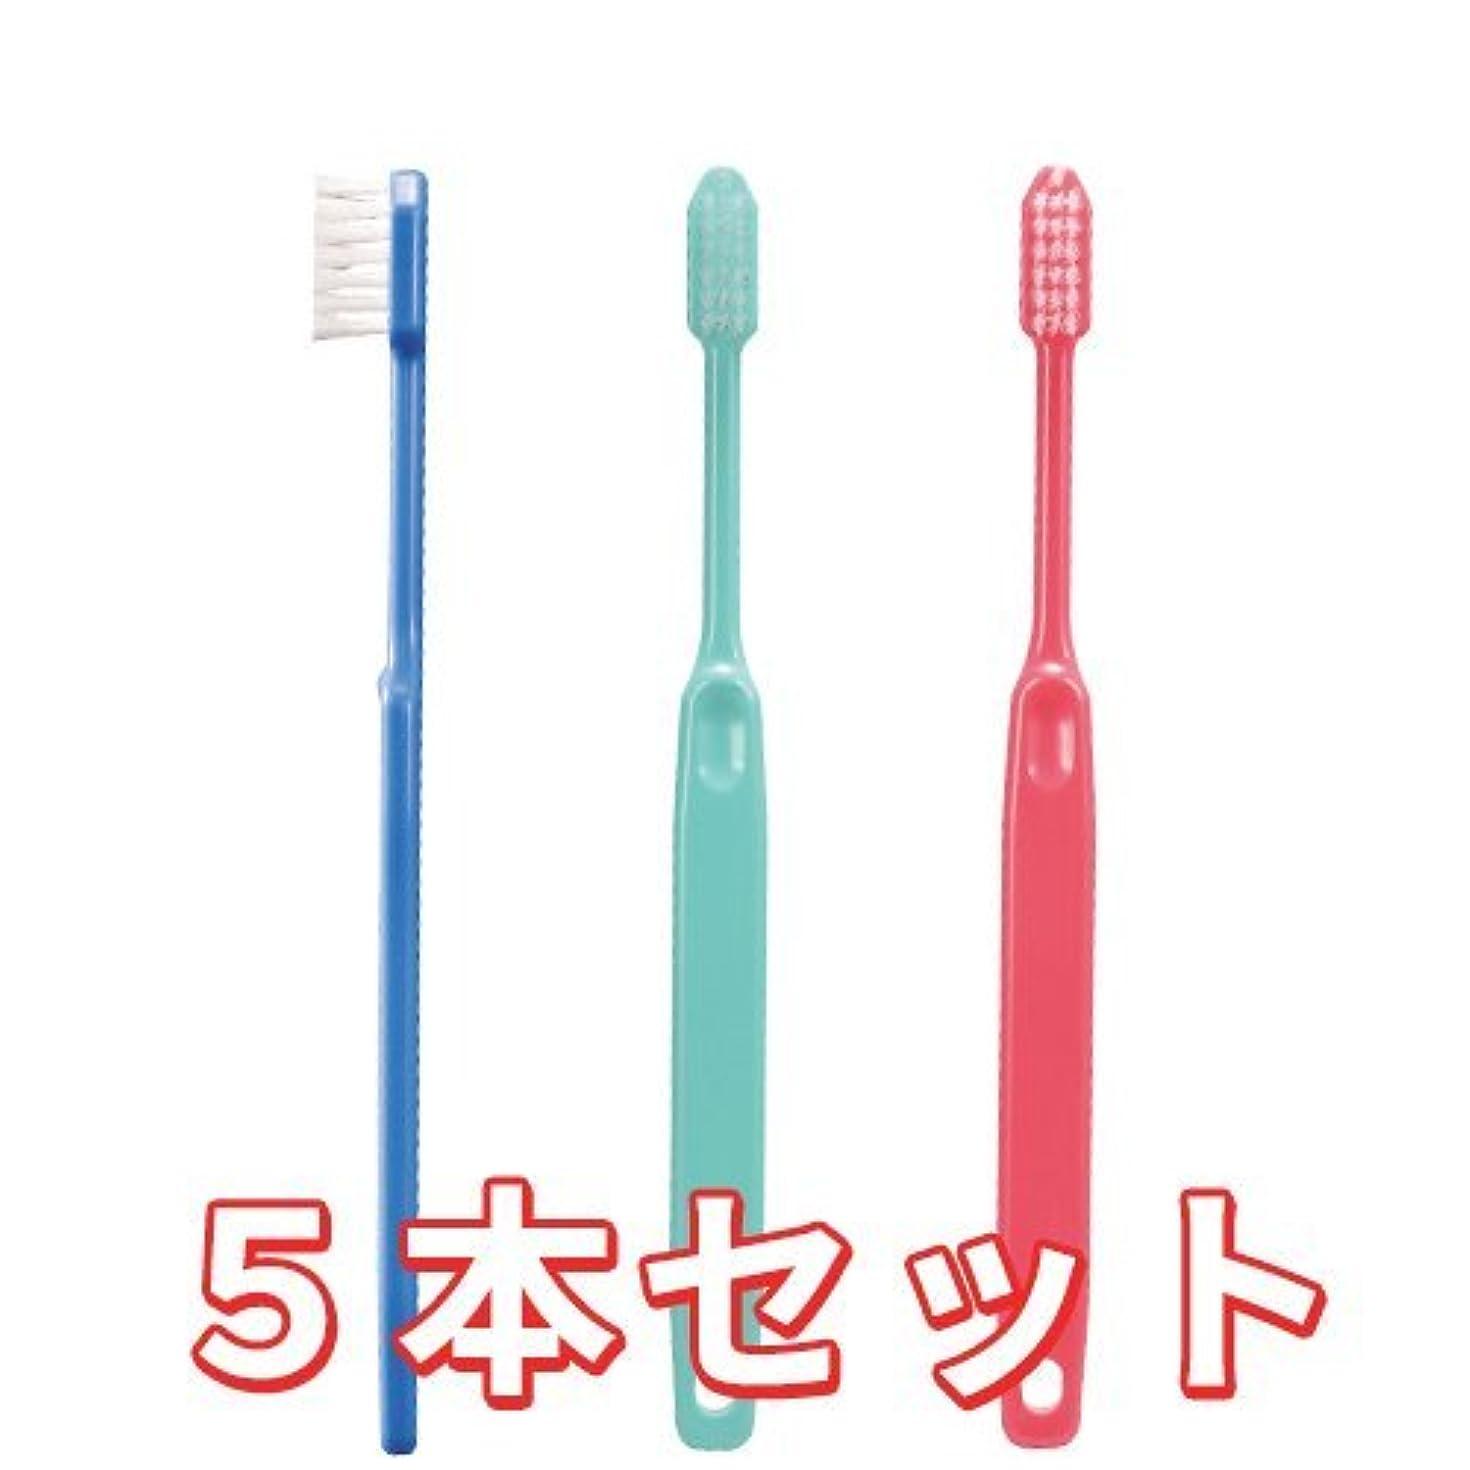 時系列遠近法コンバーチブルCiメディカル 歯ブラシ コンパクトヘッド 疎毛タイプ アソート 5本 (Ci21(かため))